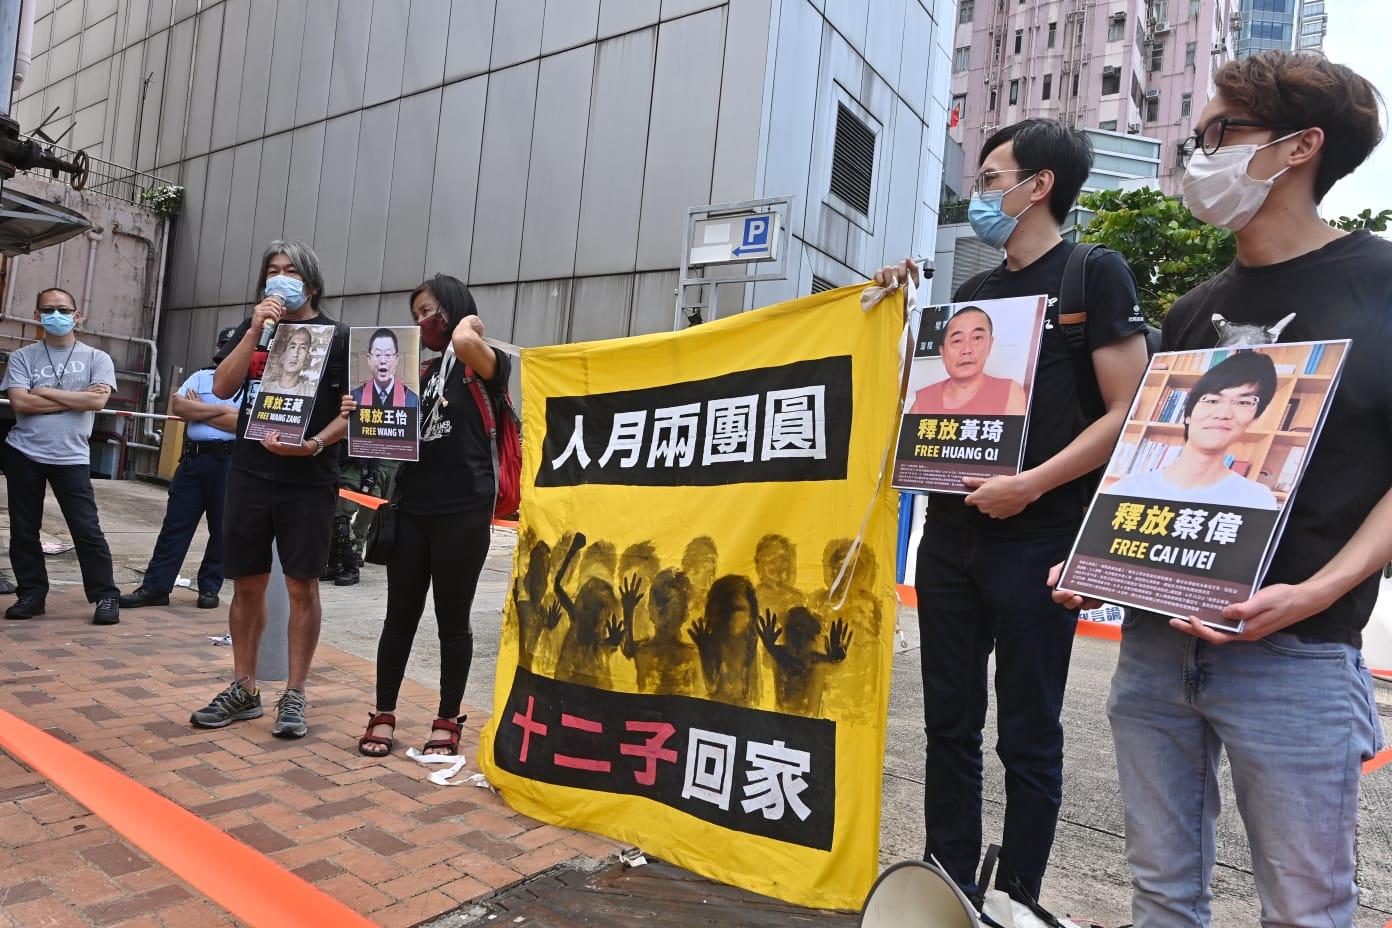 美國首次將香港列入年度難民接納計劃。此舉是華府針對「港版國安法」採取的一系列行動之一,該法正威脅著香港的民主運動分子。圖為2020年10月1日國殤日,香港民主人士到中聯辦抗議,要求釋放「送中十二子」。(宋碧龍/大紀元)